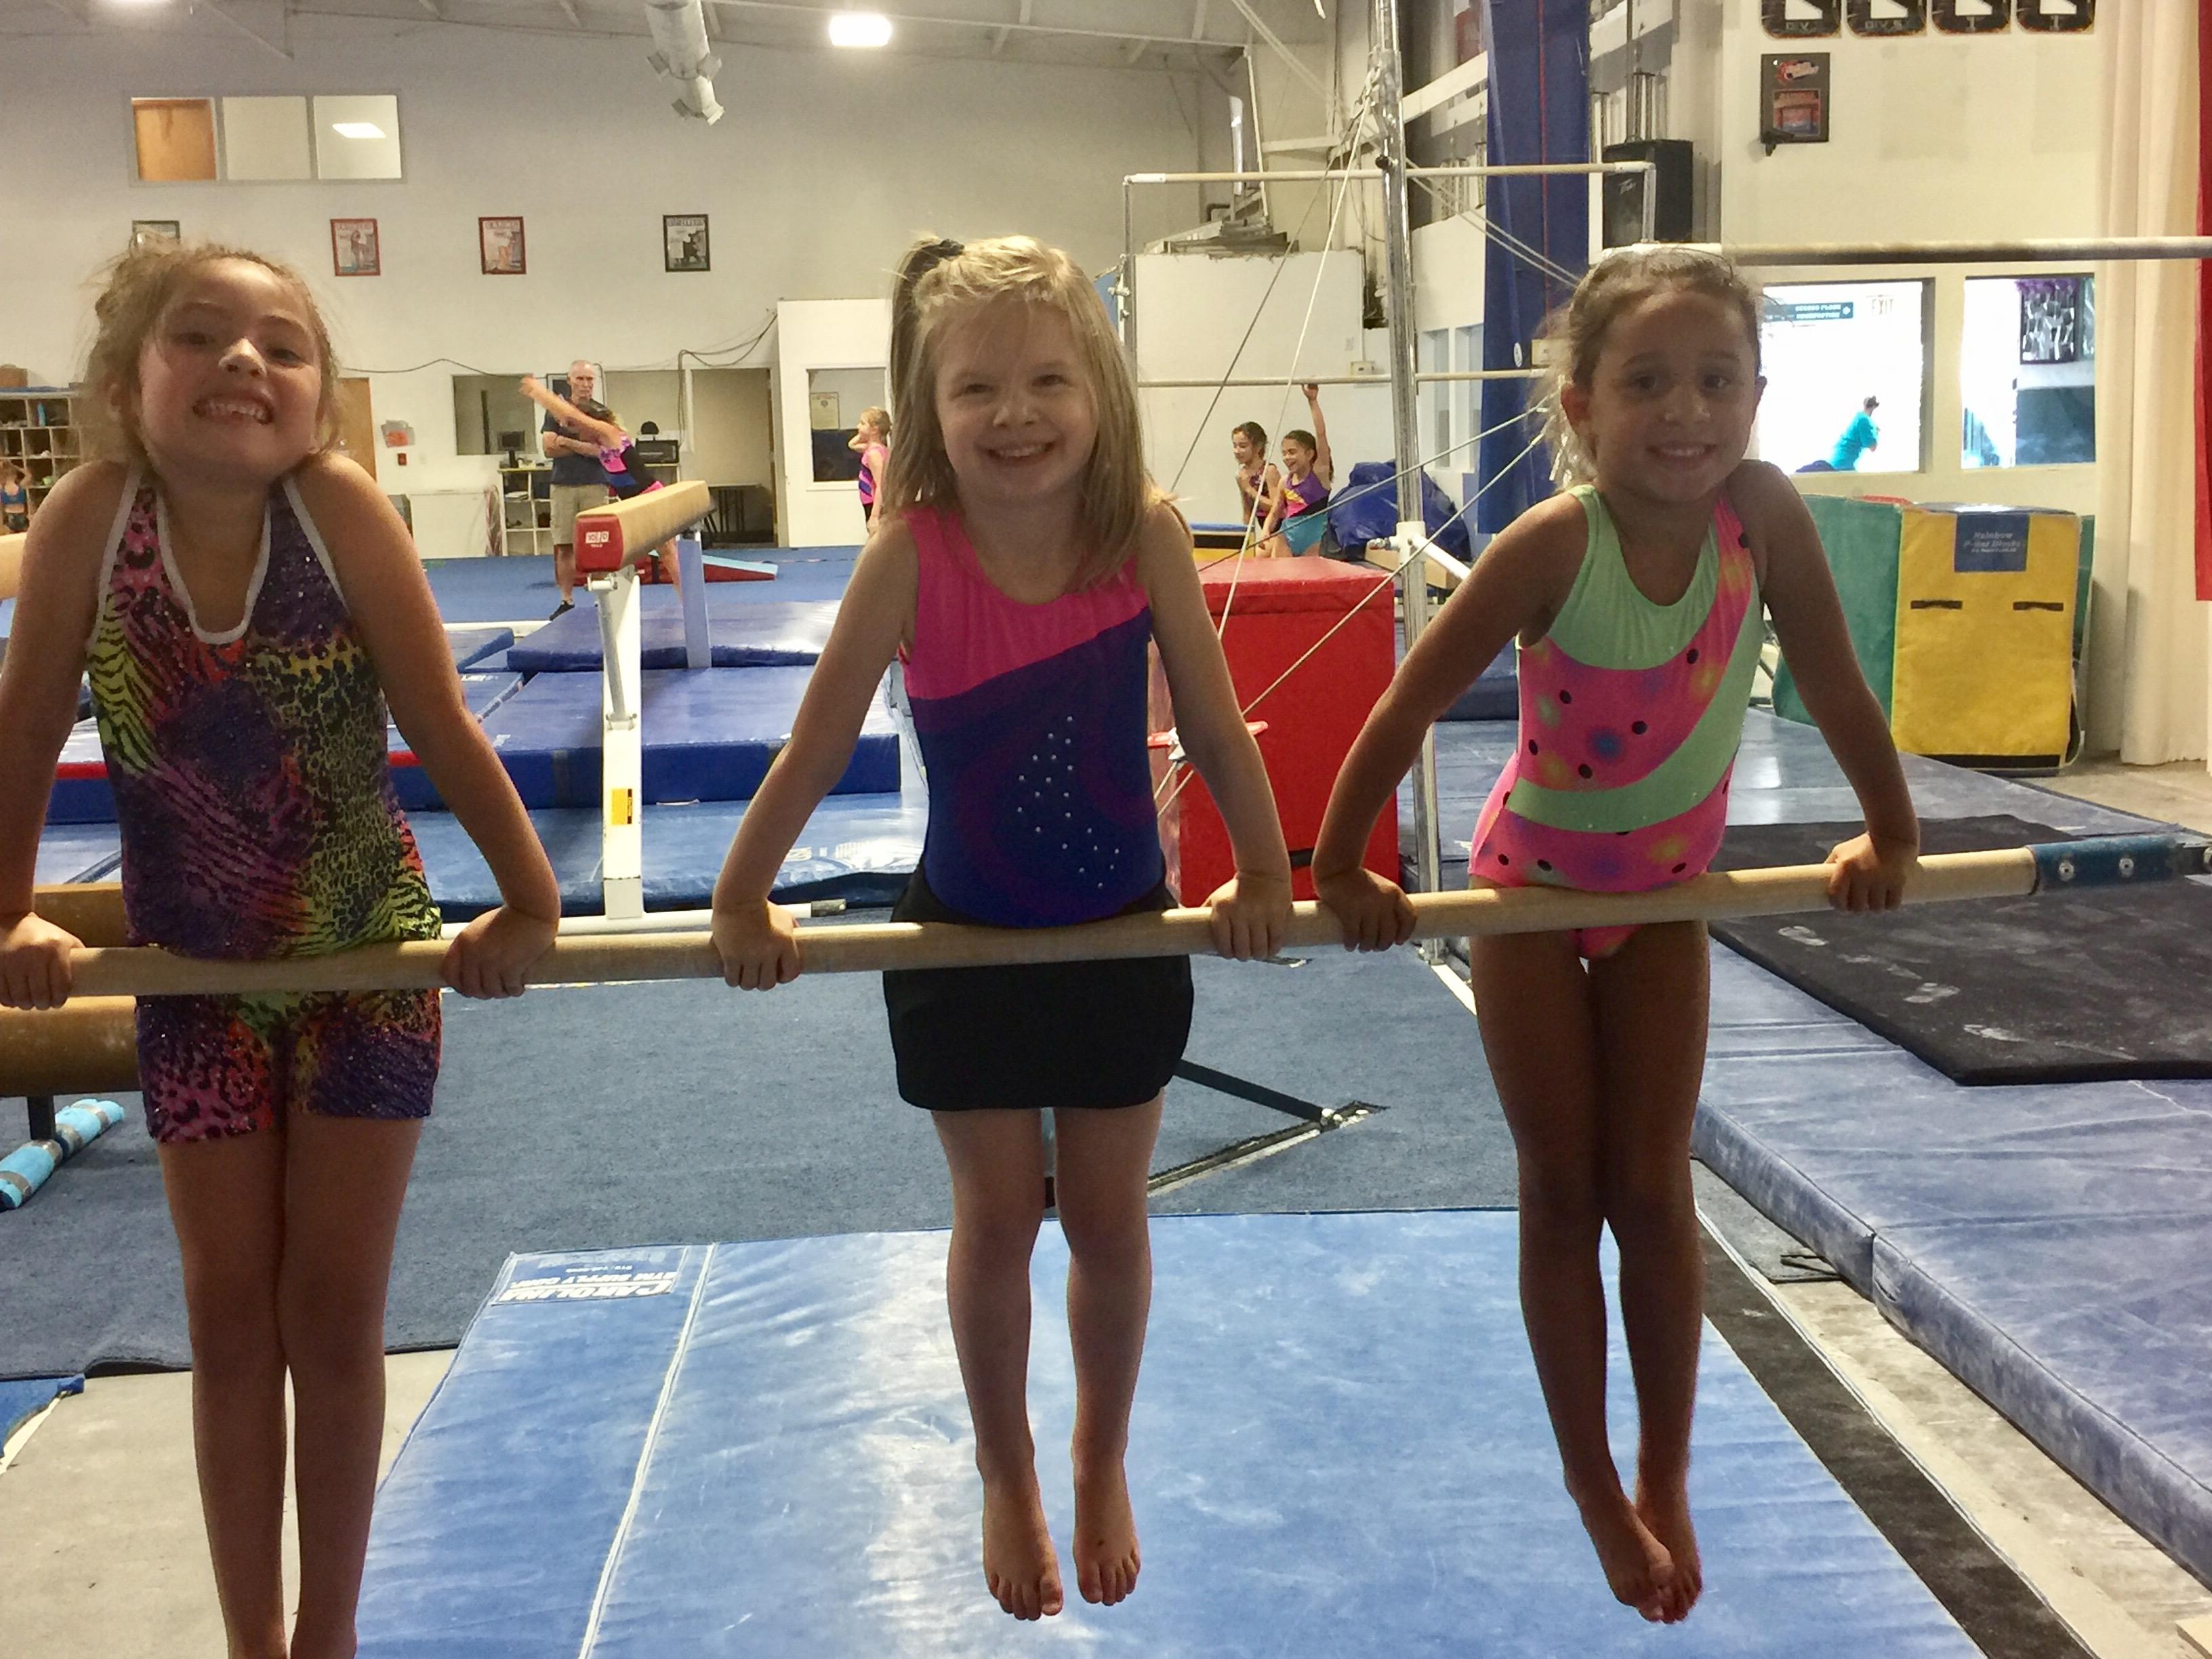 e03e0c0999682 World of Gymnastics and Cheer